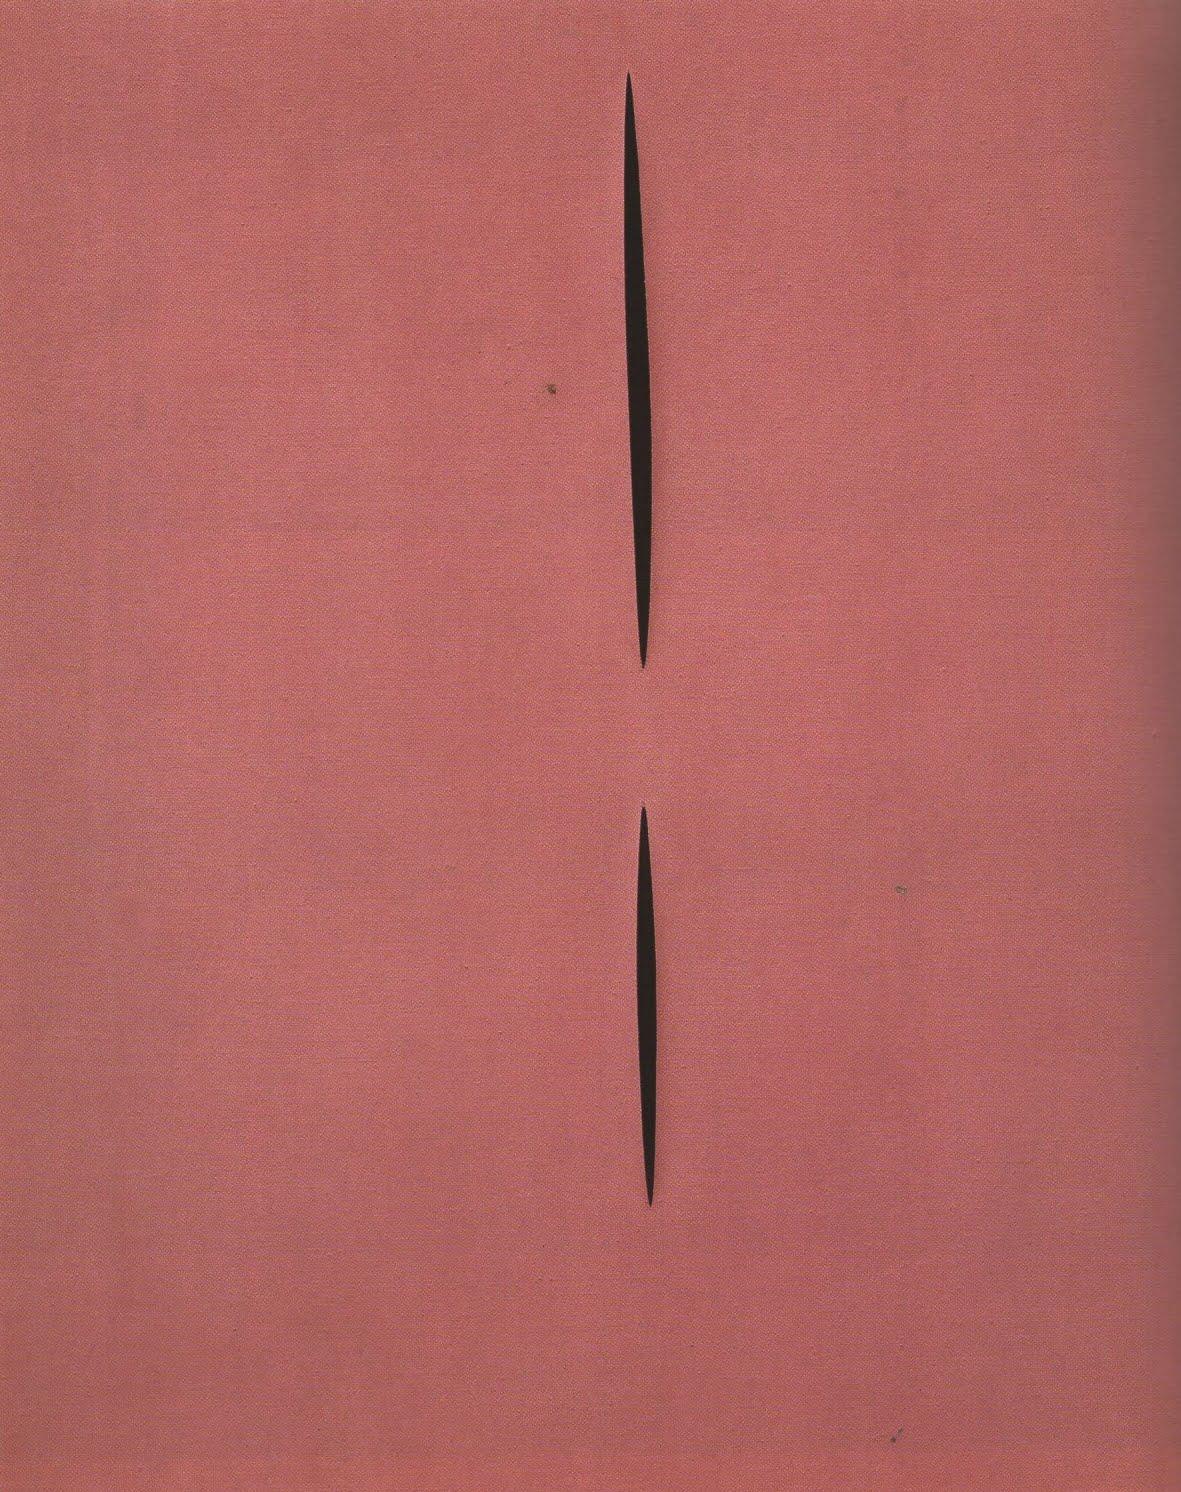 Fontana, Concetto Spaziale, Attesa, 1959